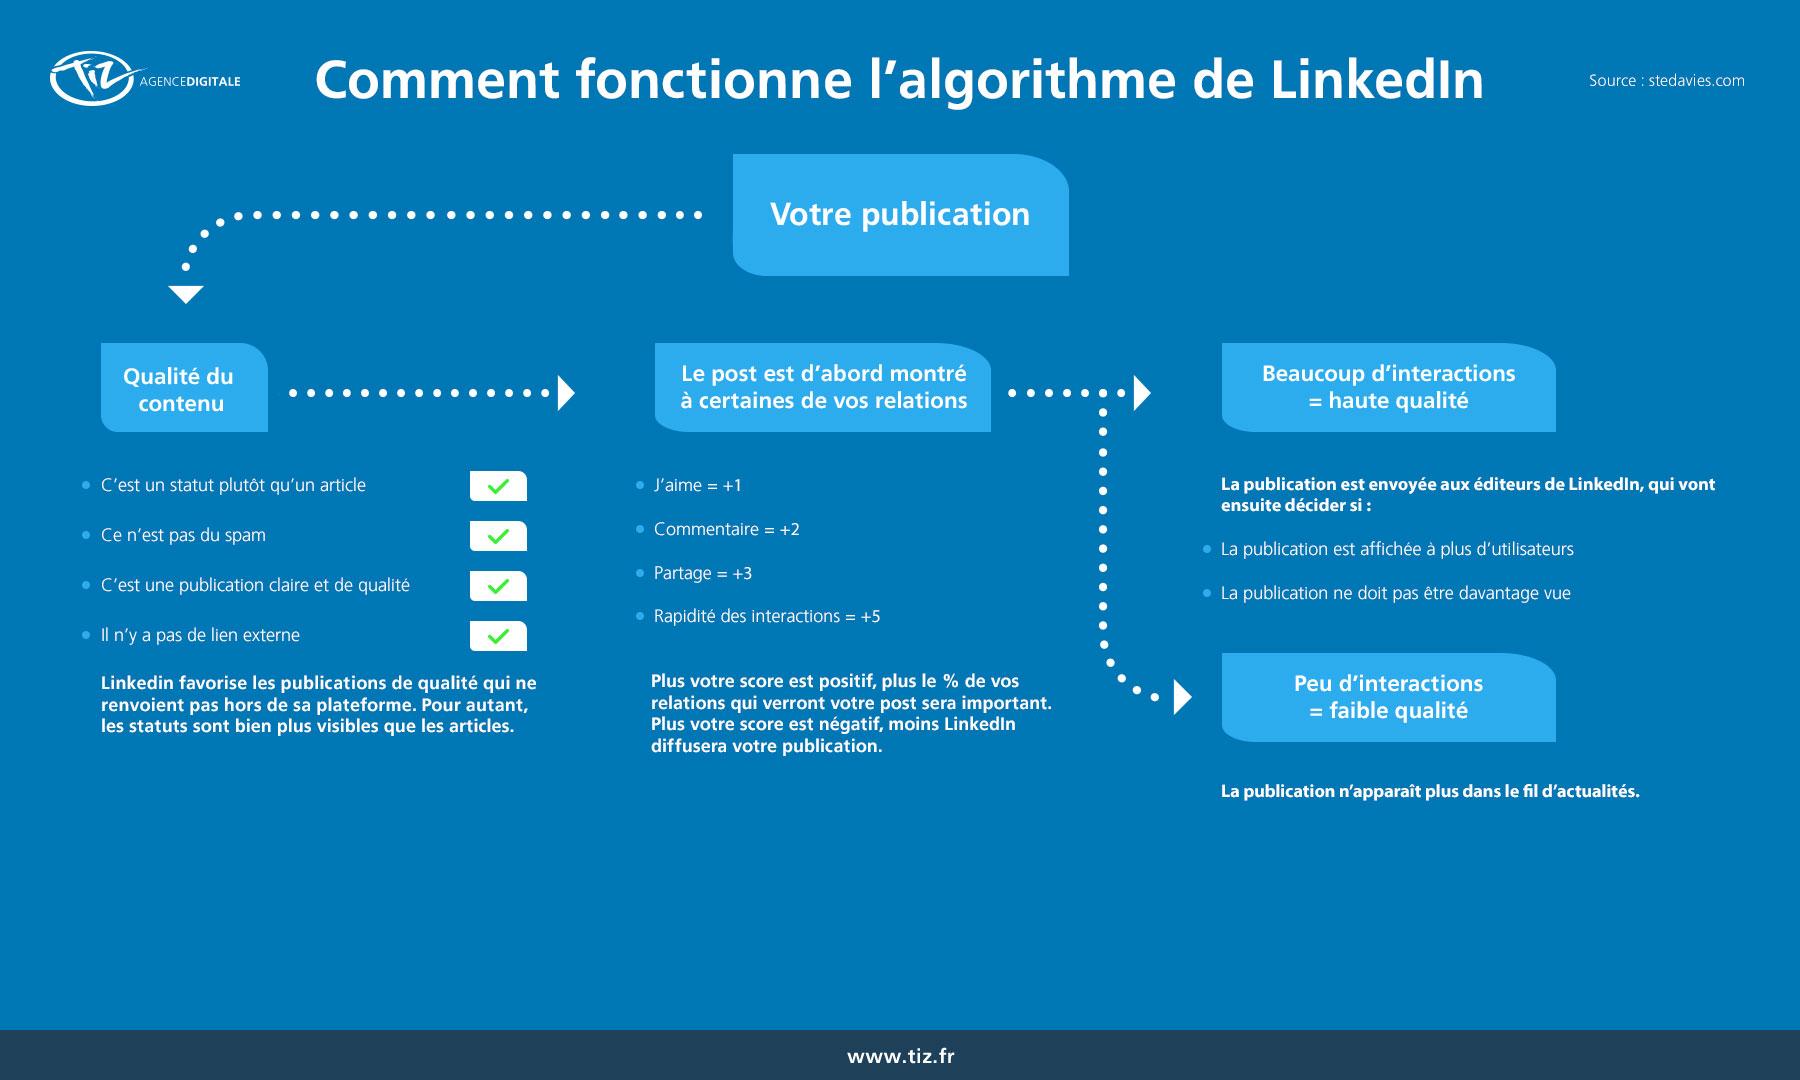 Comment fonctionne l'algorithme de LinkedIn